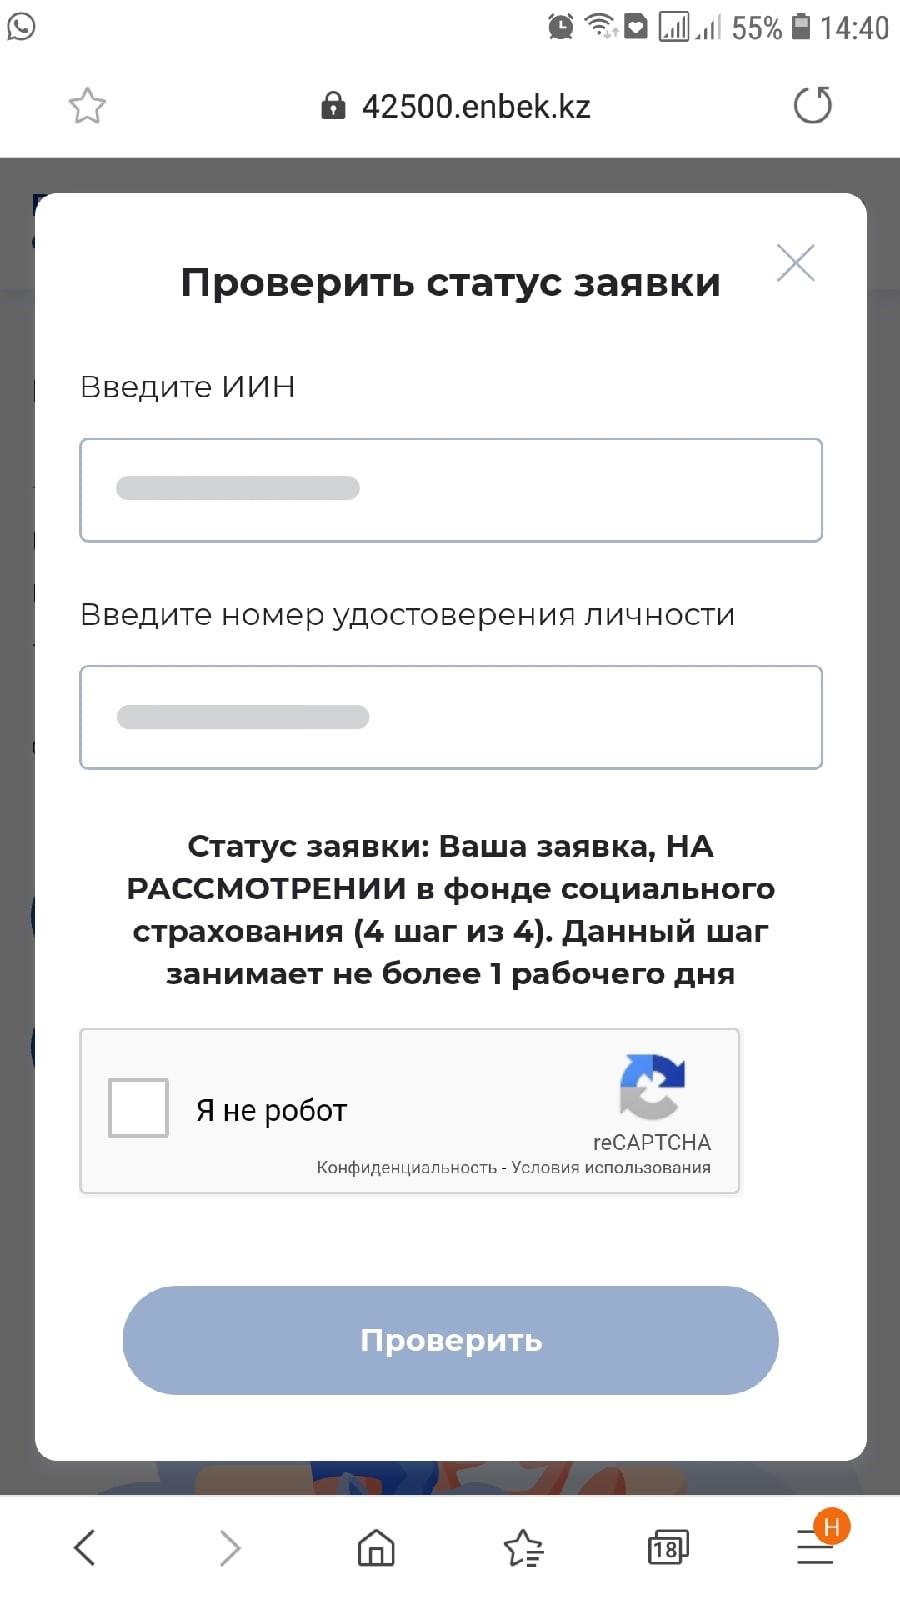 @Help42500bot - новый облегченный бот для получения выплаты 42500 в связи с ЧП